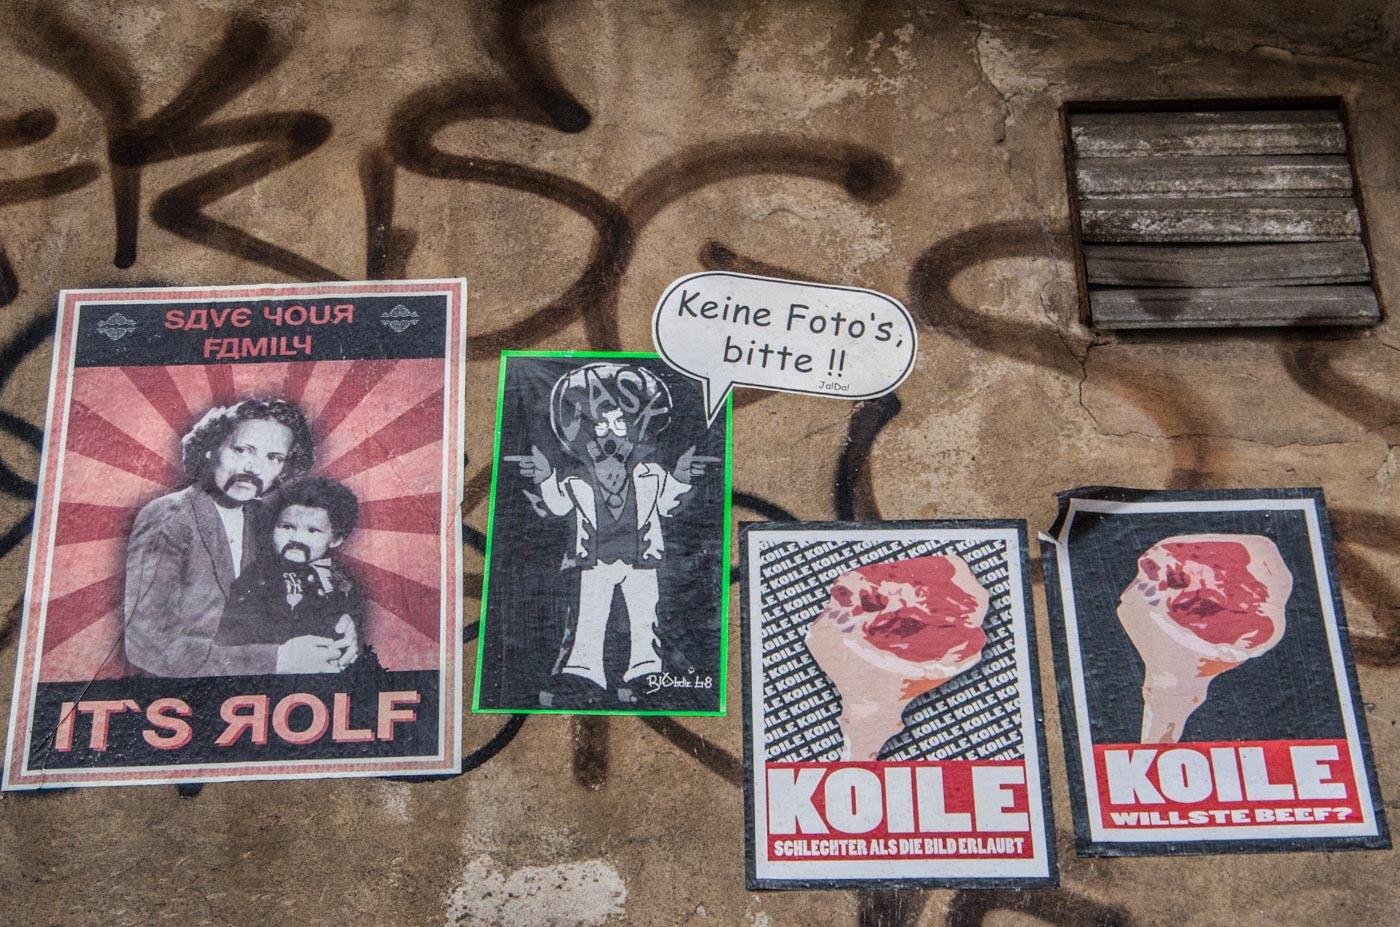 Koile-Paste-Ups in Berlin. Das mit den Fotos machen wir dann beim nächsten Mal - versprochen!